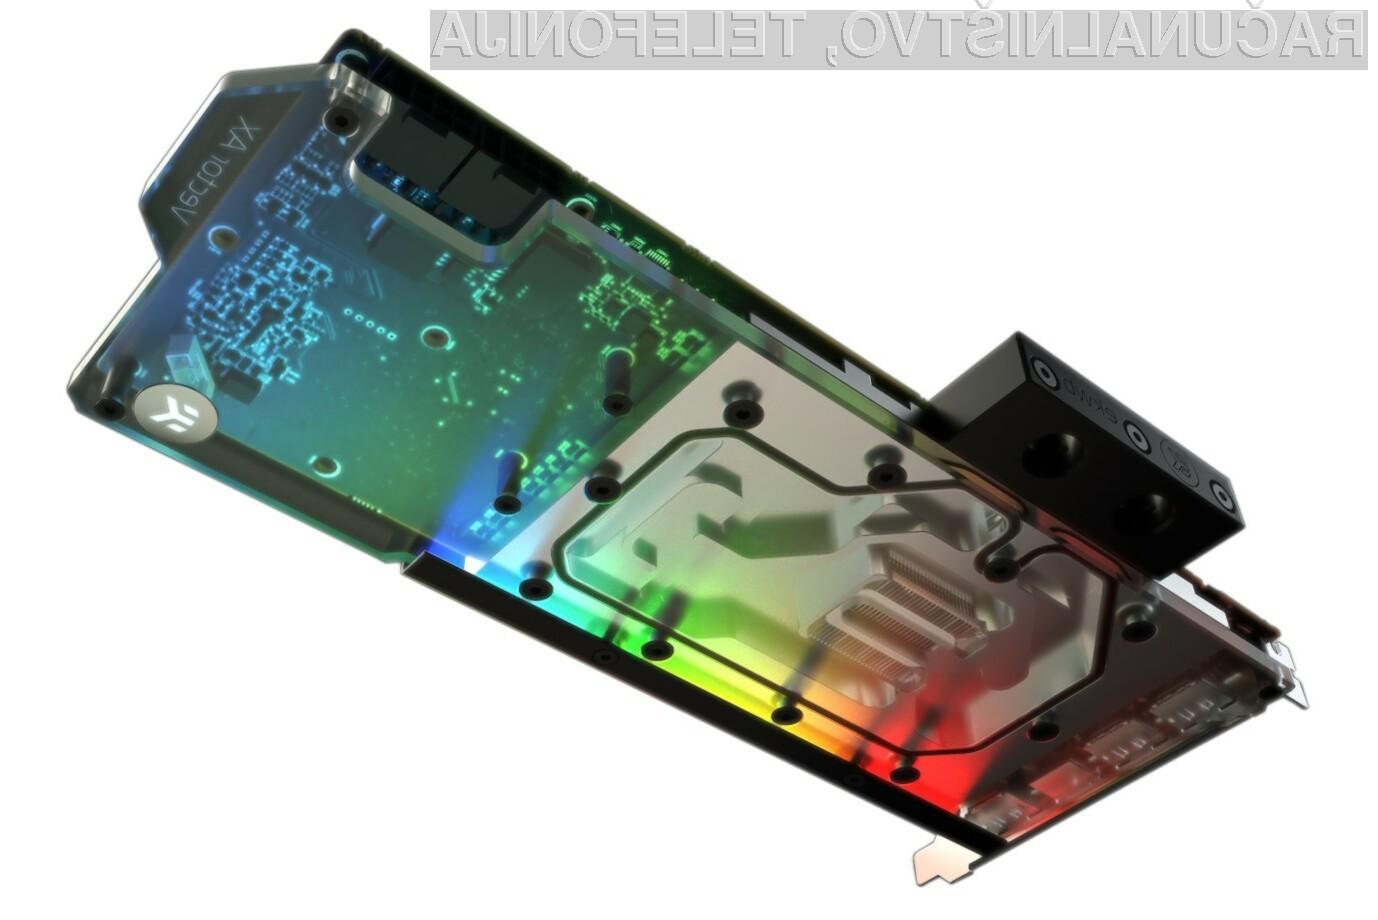 Napredni hladilni sistem EK-AC Radeon RX 5700 +XT D-RGB je resnično nekaj posebnega.